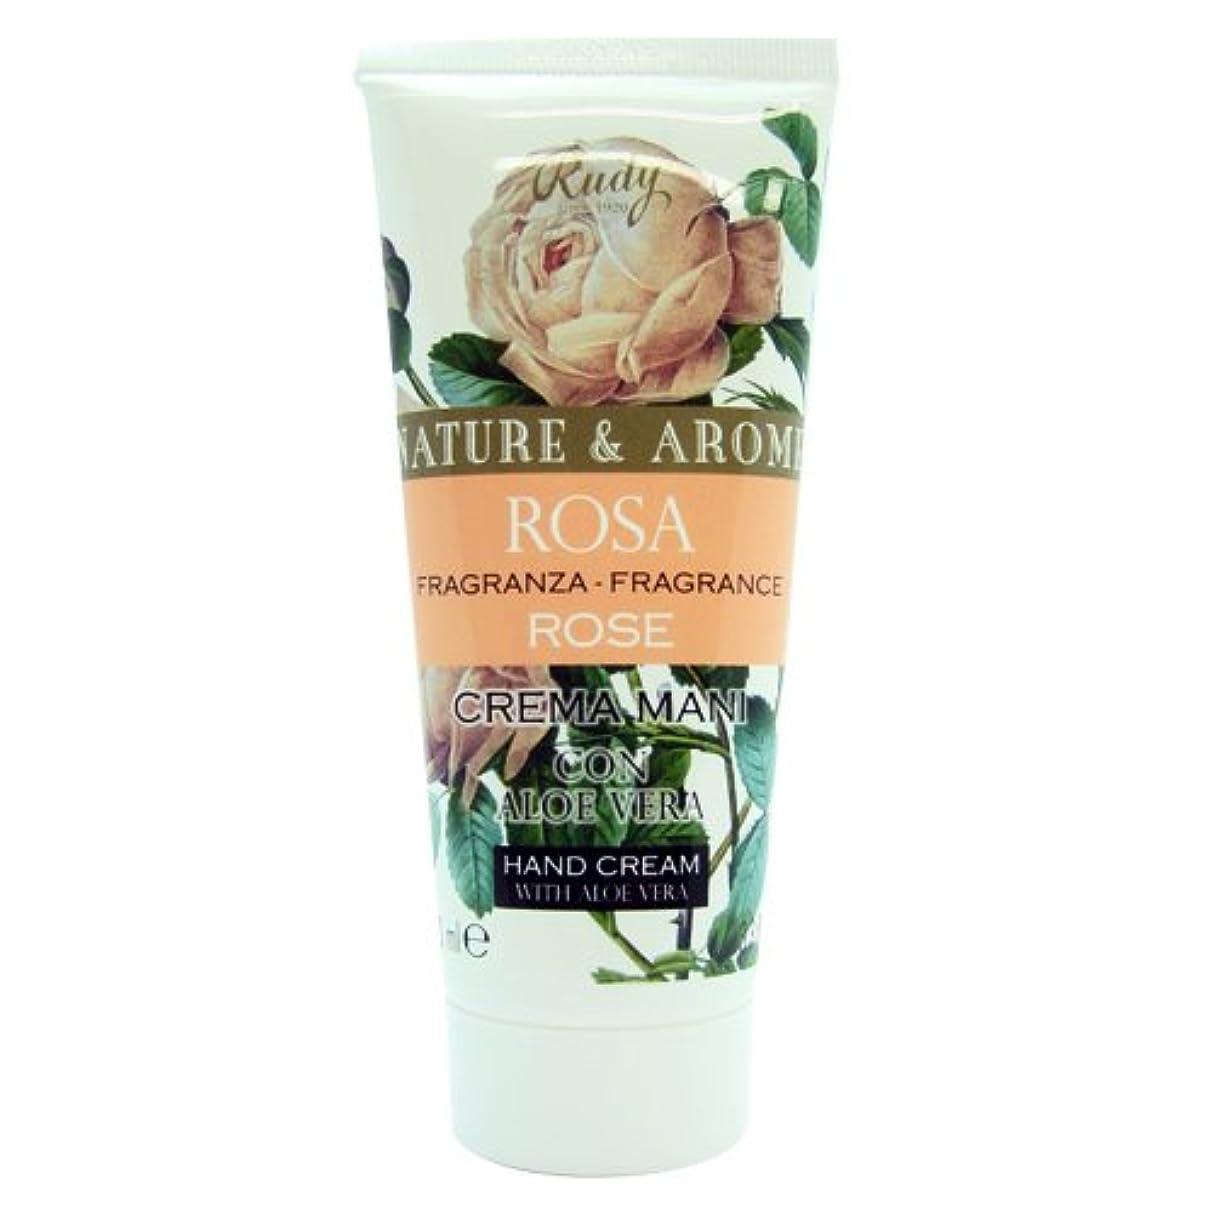 背が高い衛星古代RUDY Nature&Arome SERIES ルディ ナチュール&アロマ Hand Cream ハンドクリーム Rose ローズ